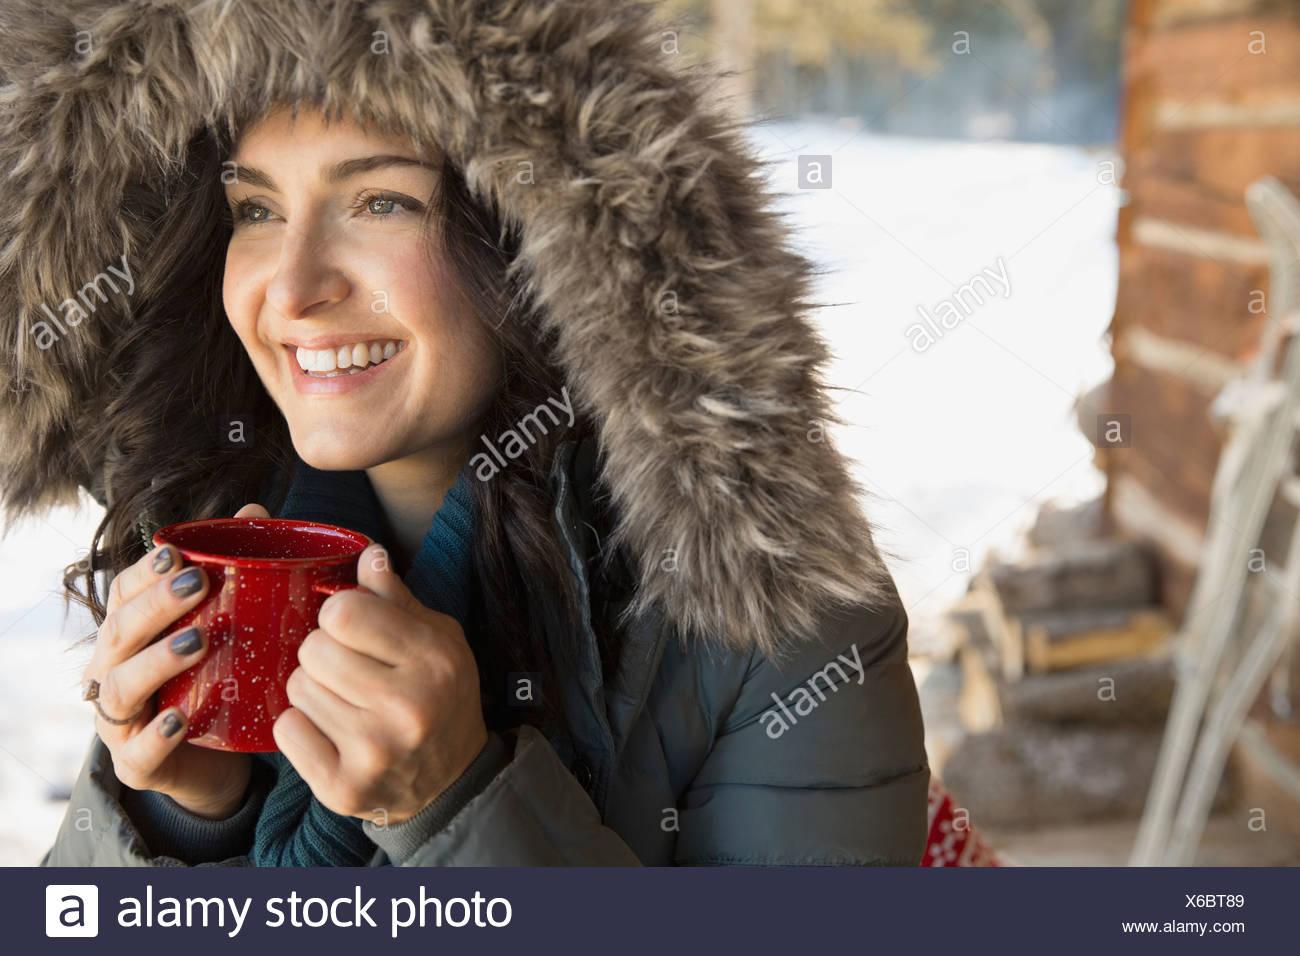 Retrato de mujer con capucha de pieles bebiendo café al aire libre Imagen De Stock